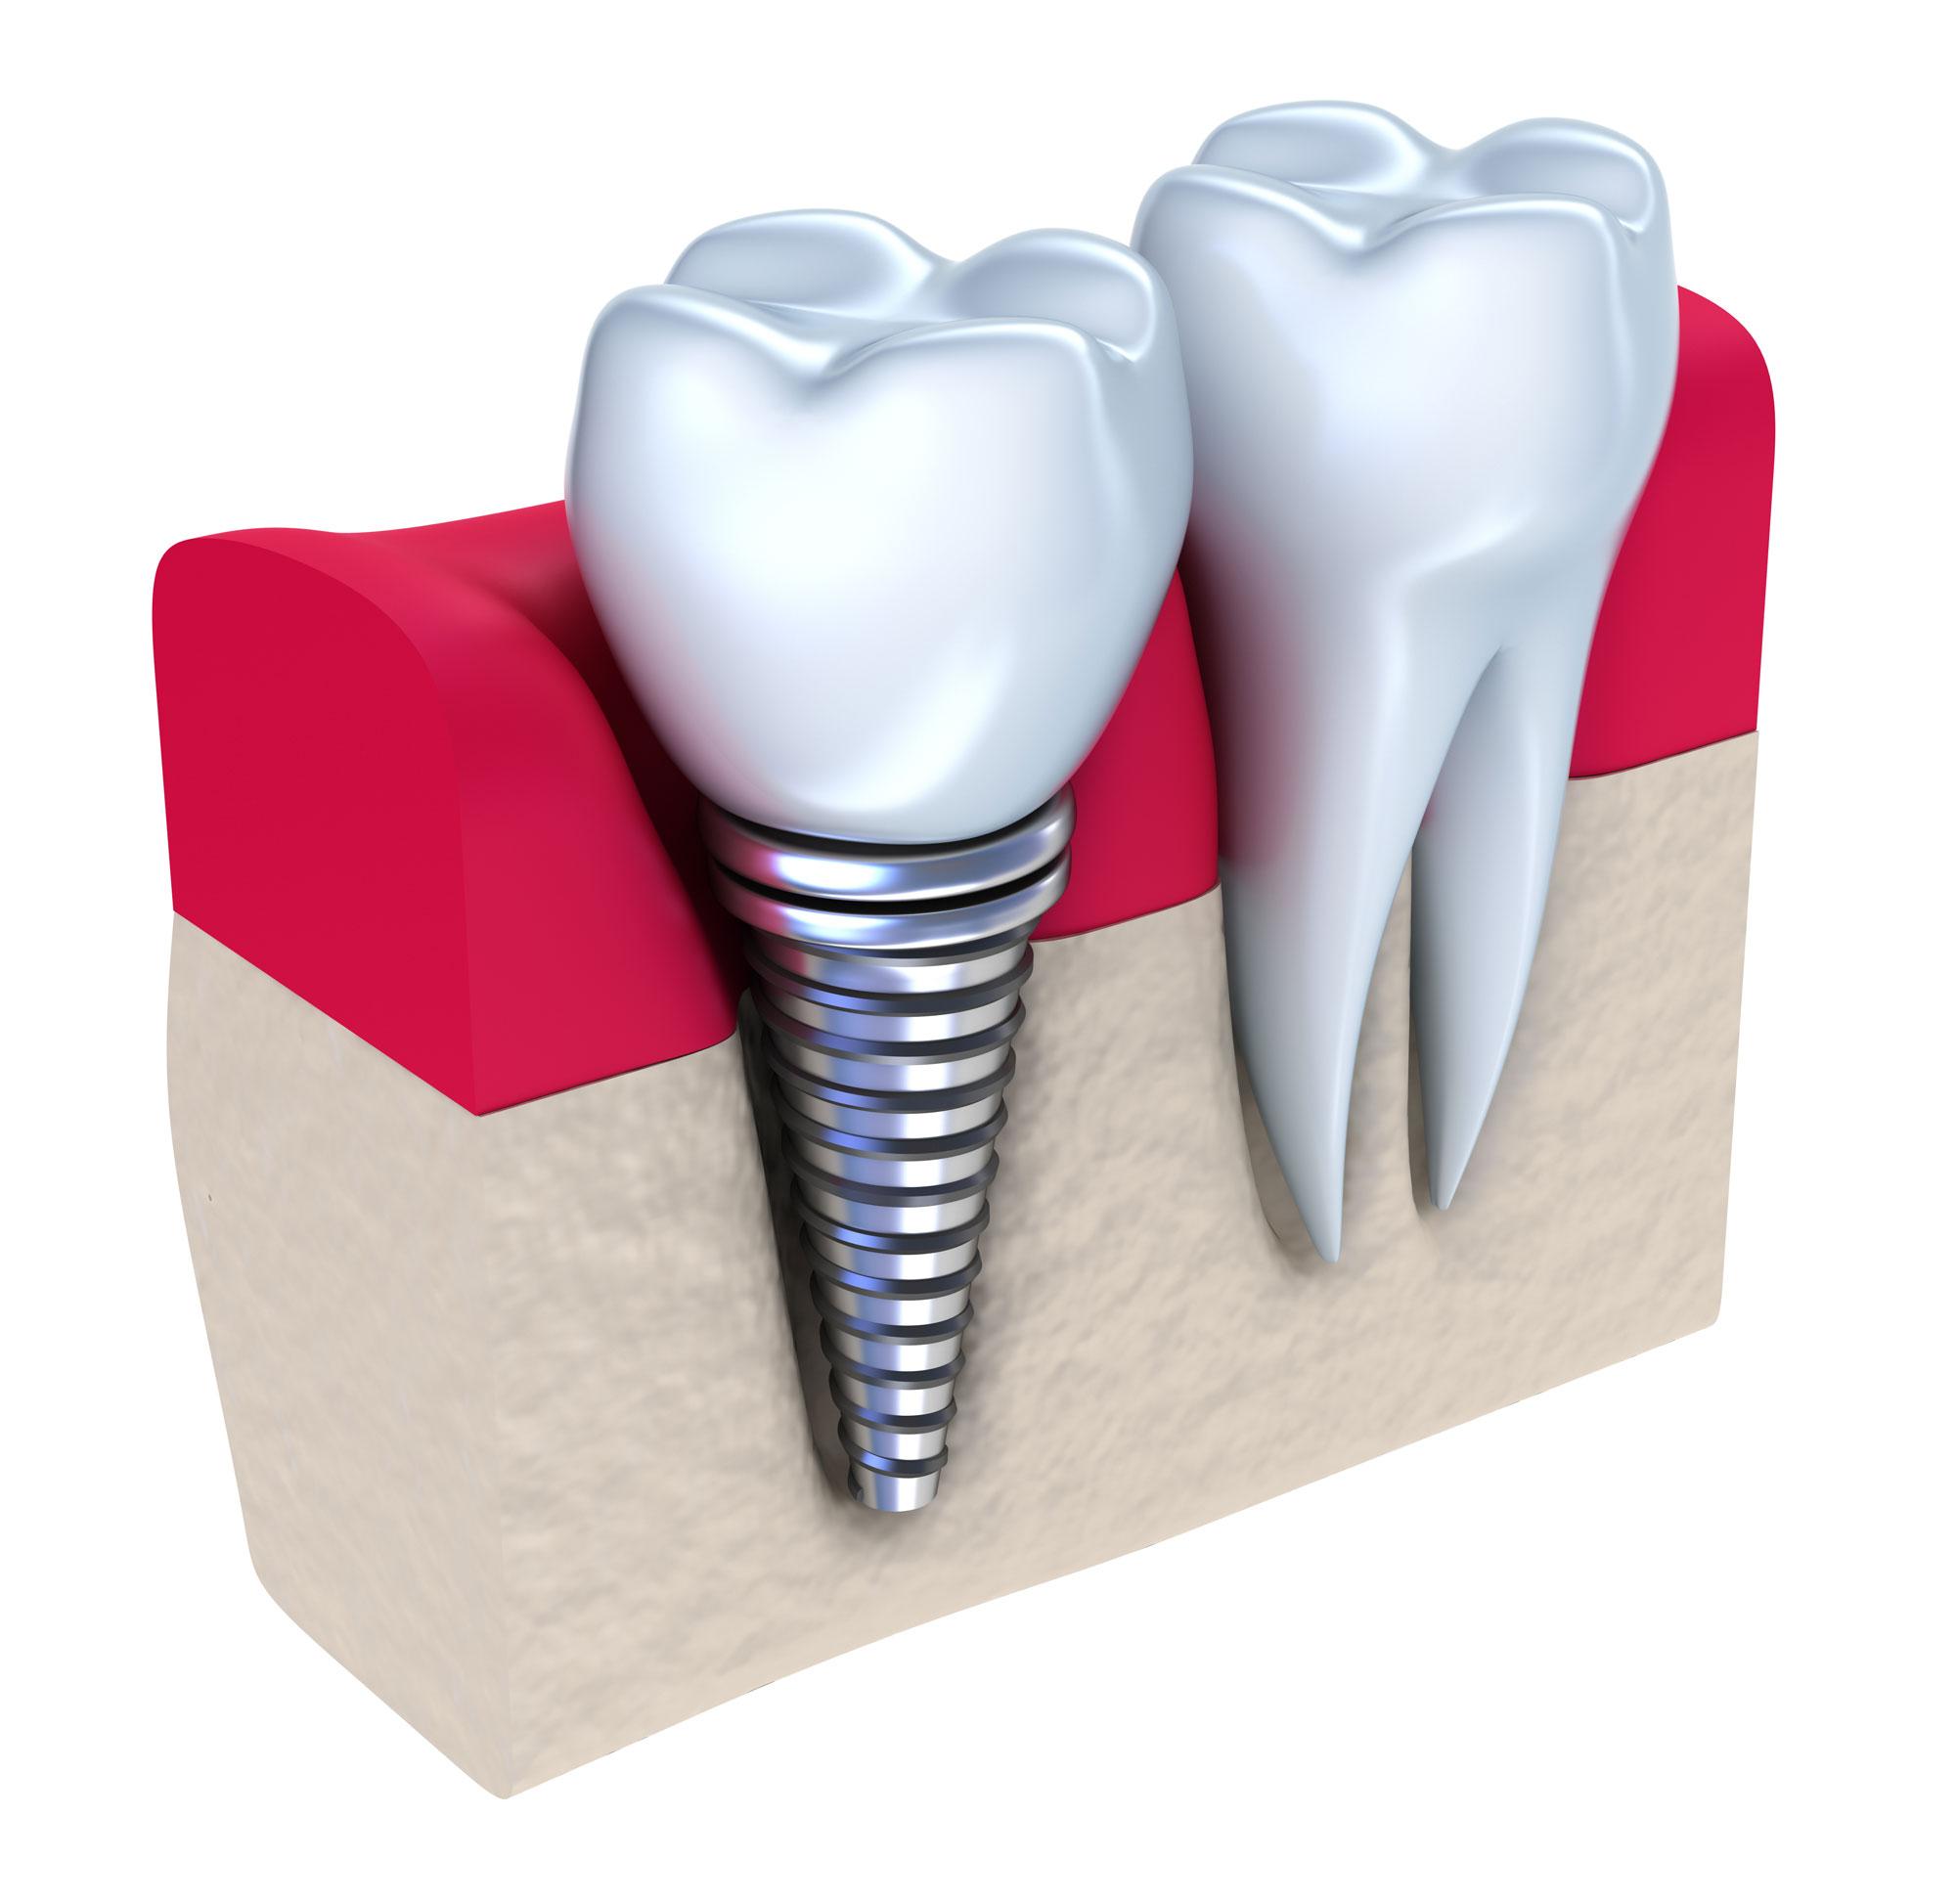 Implantierter Zahnersatz im Falle des Mangels einzelner Zähne.